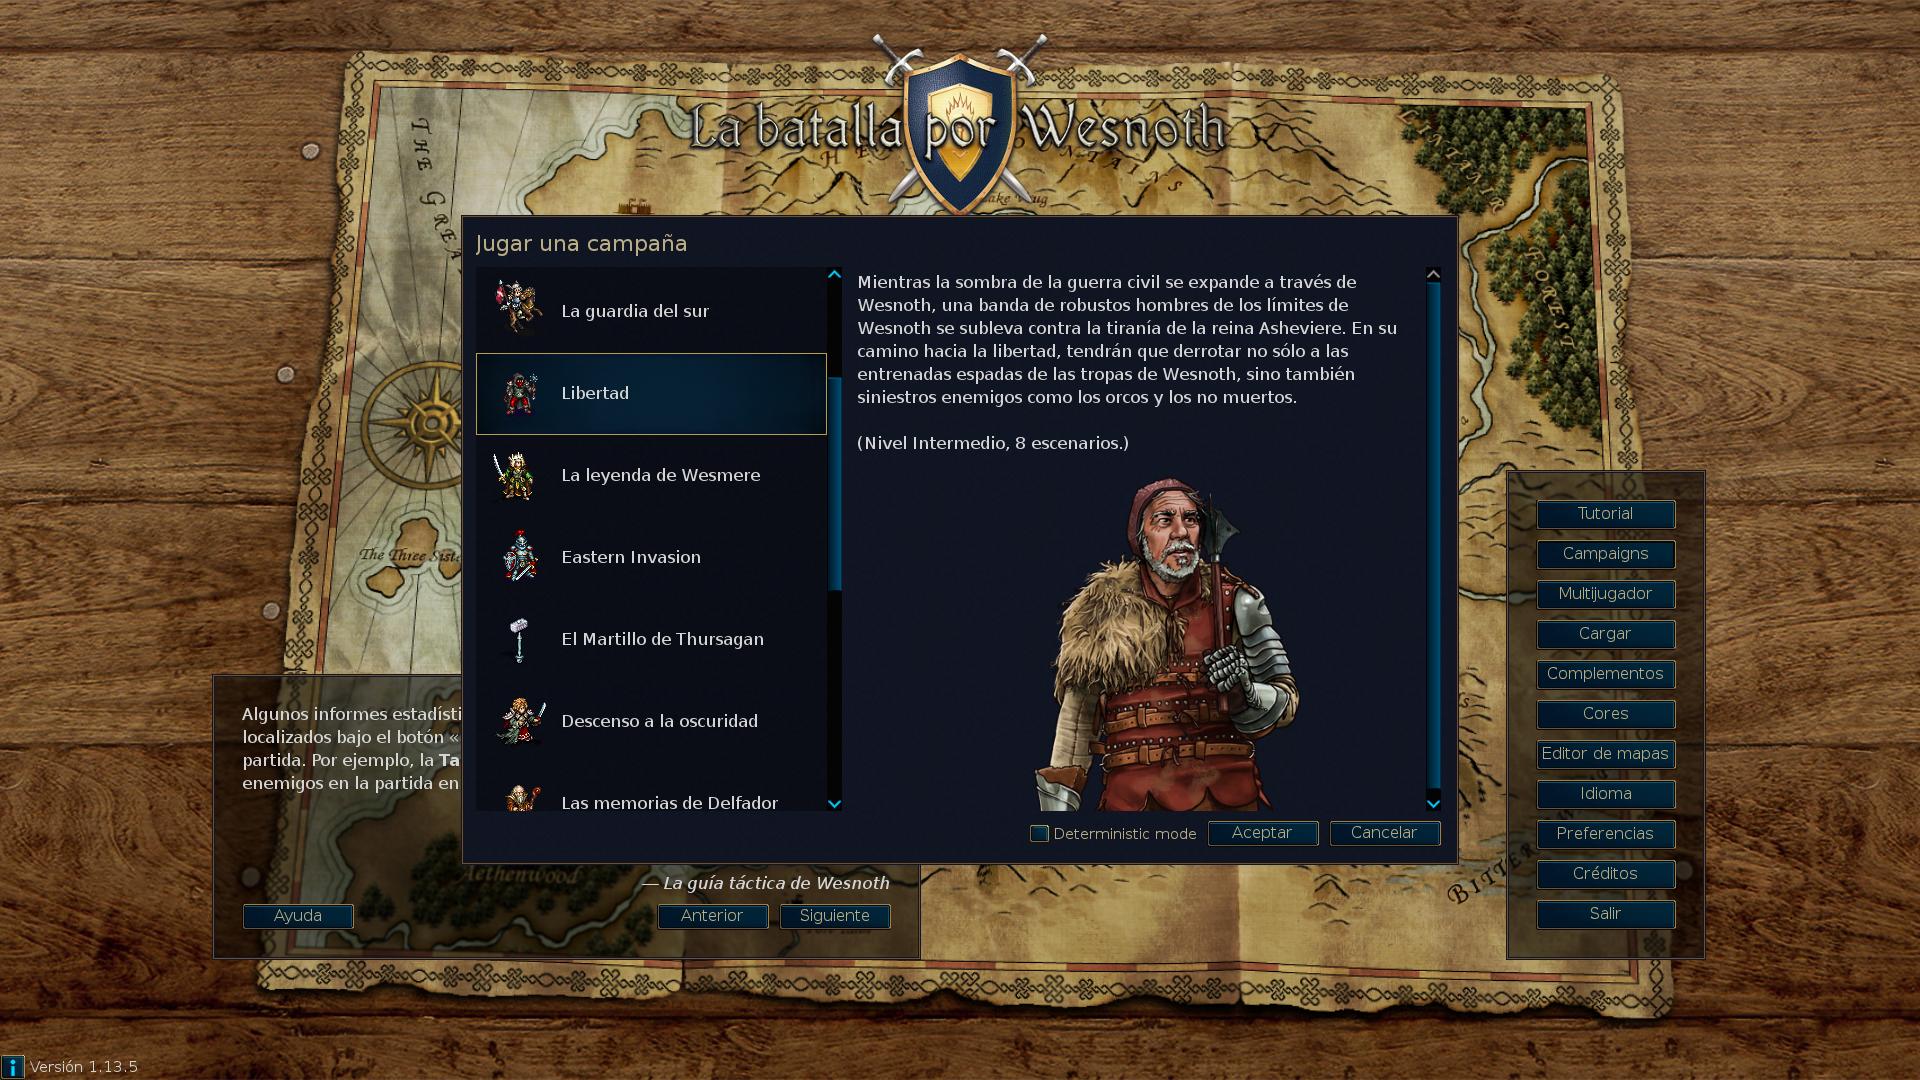 Selección de campañas en La batalla por Wesnoth